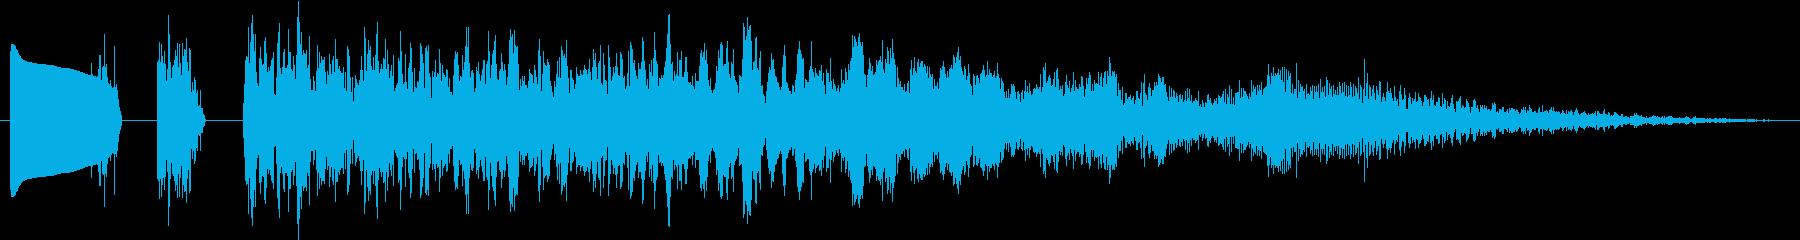 マジカルフーシュの再生済みの波形